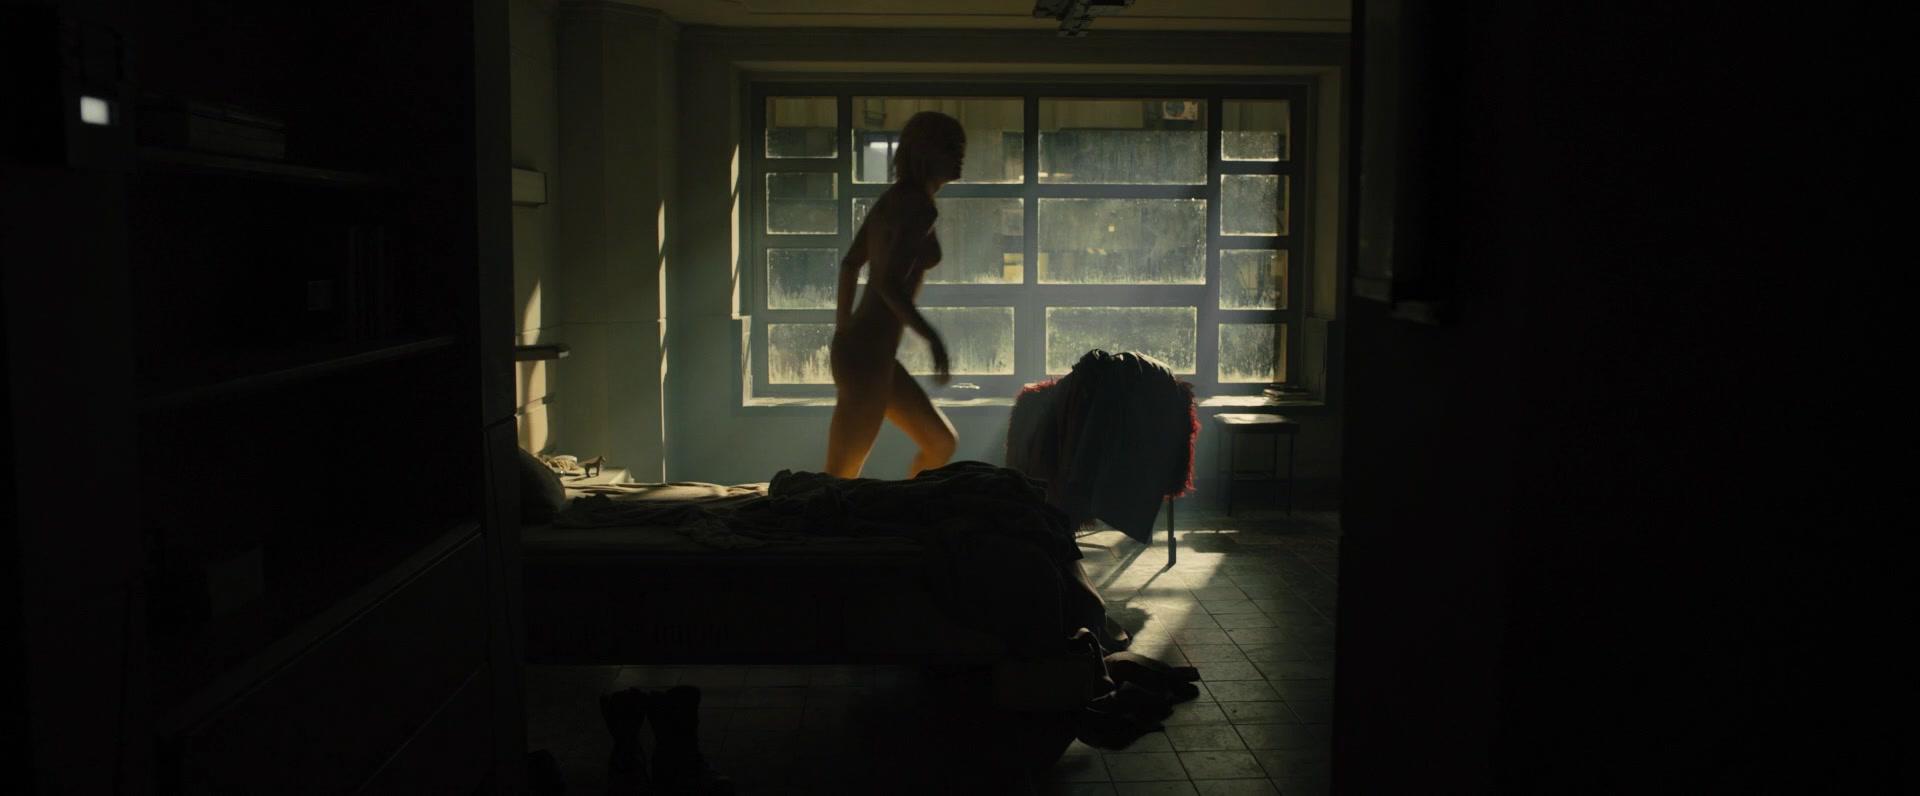 Ana-de-Armas-Sallie-Harmsen-Mackenzie-Davis-etc-Nude-50-thefappeningblog.com_.jpg